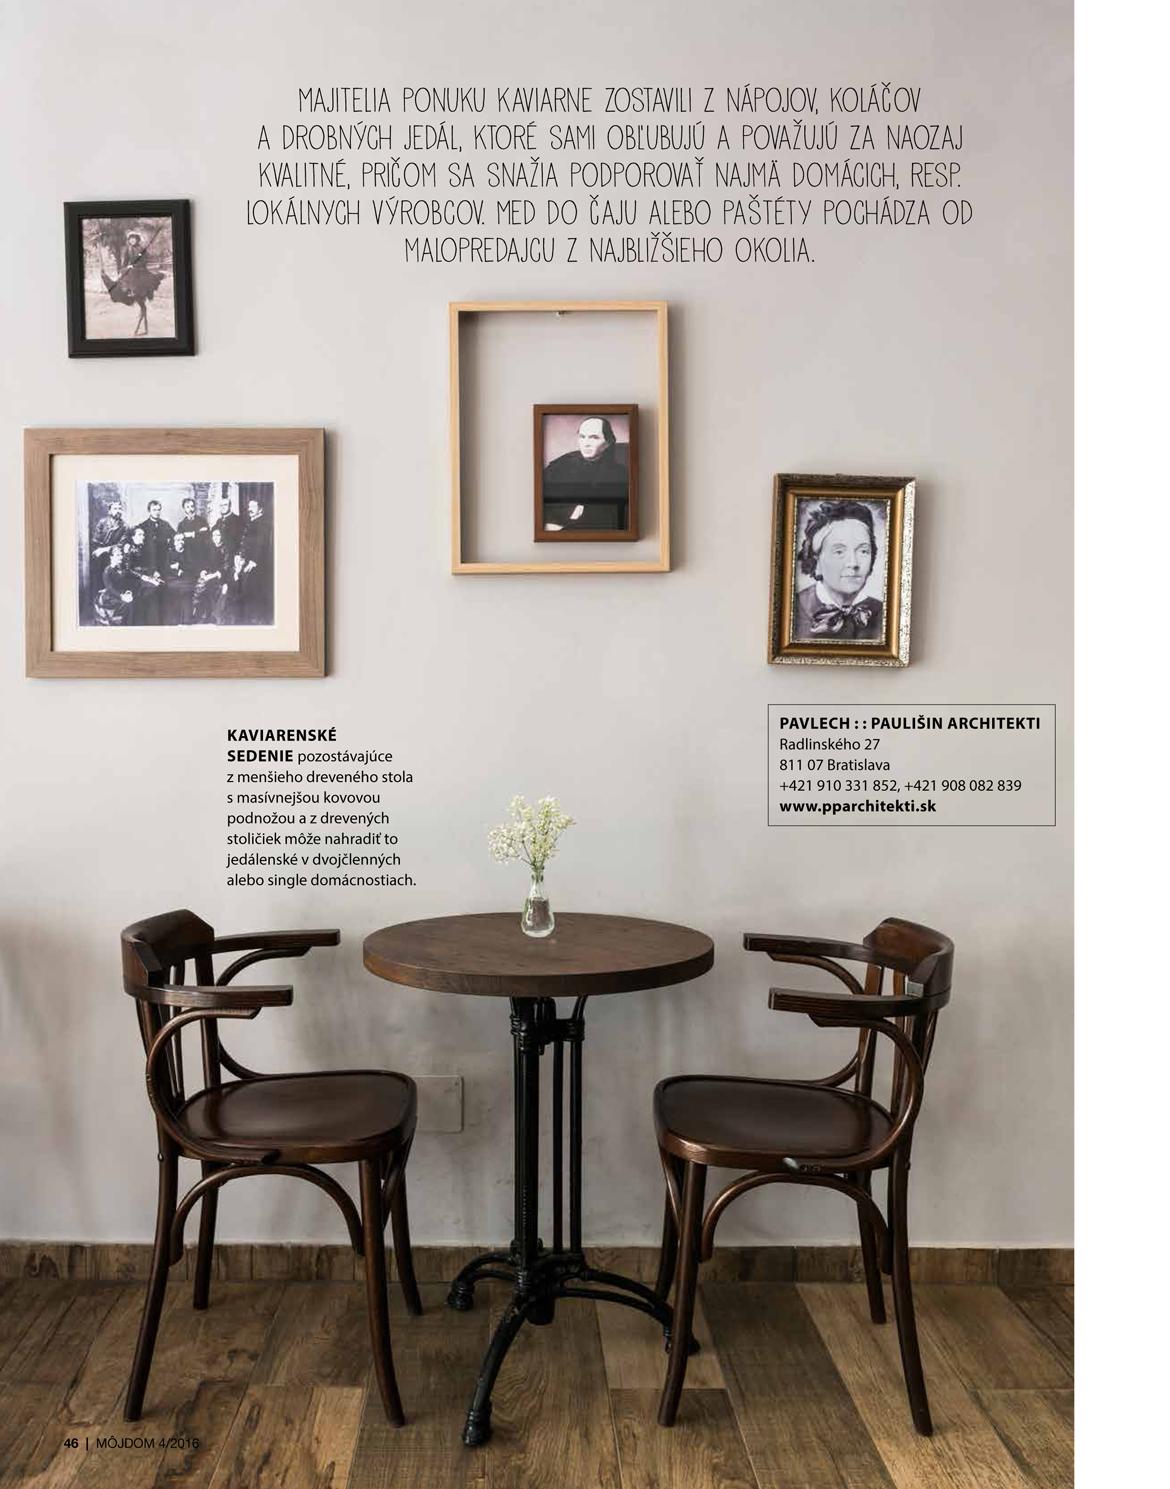 005-mojdom-cafe-sladkovic-trencin-pavlech-architekti